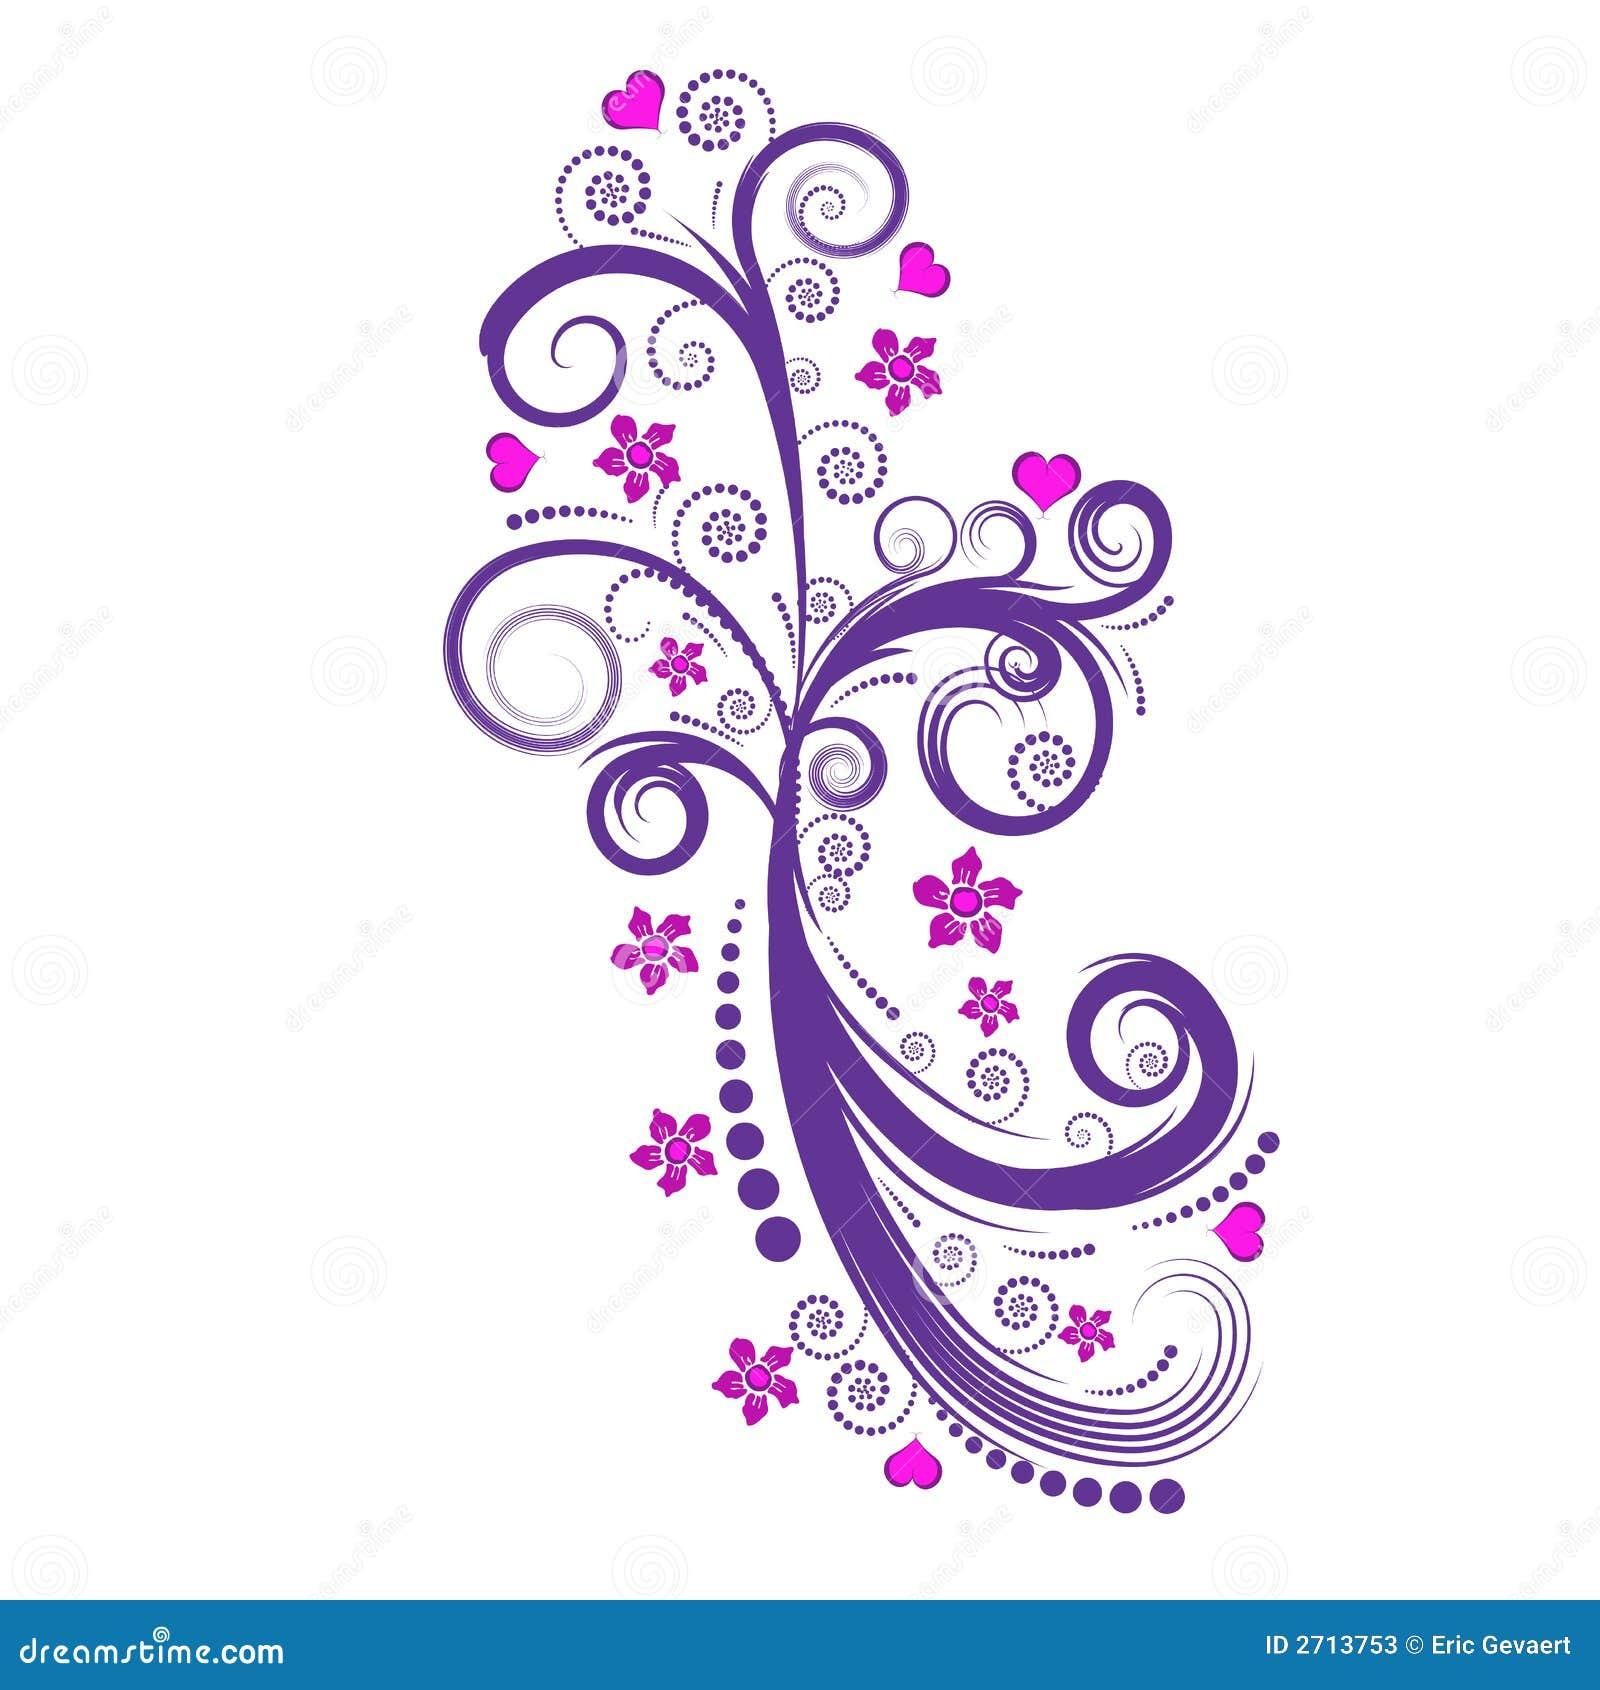 Beautiful vector flower design stock vector illustration of floral download beautiful vector flower design stock vector illustration of floral curve 2713753 izmirmasajfo